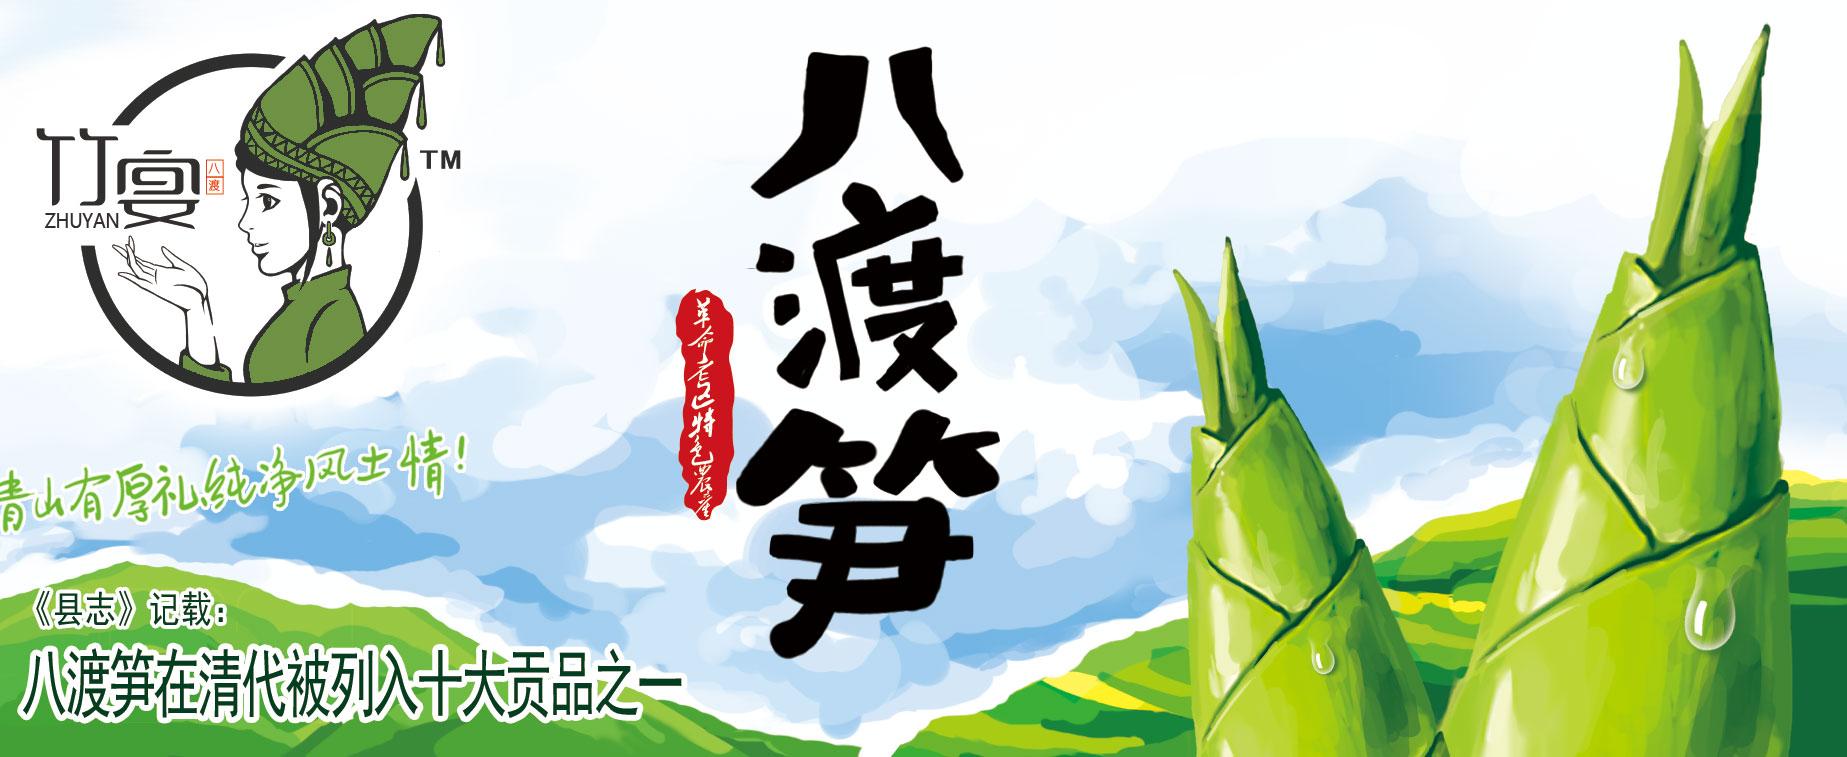 广西竹宴笋业有限澳门网上投注官网